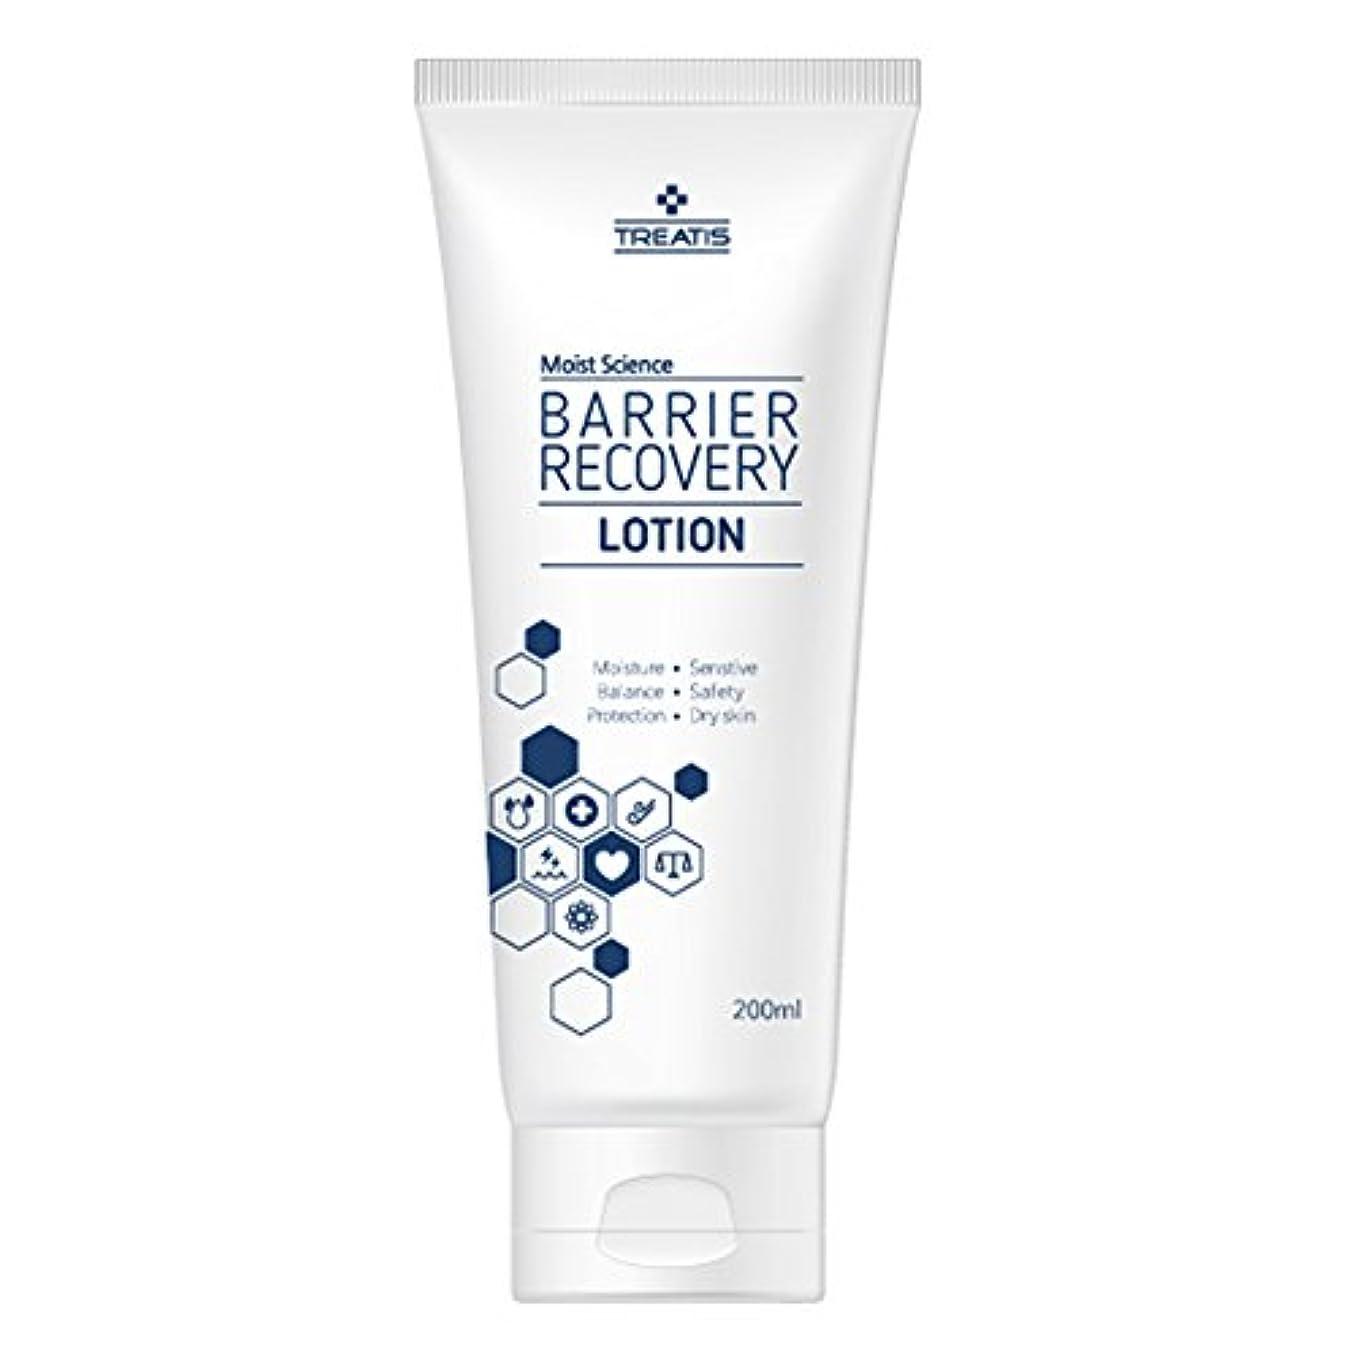 冷蔵庫落とし穴動物園Treatis barrier recovery lotion 7oz (200ml)/Moisture, Senstive, Balance, Safty, Protection, Dry skin [並行輸入品]